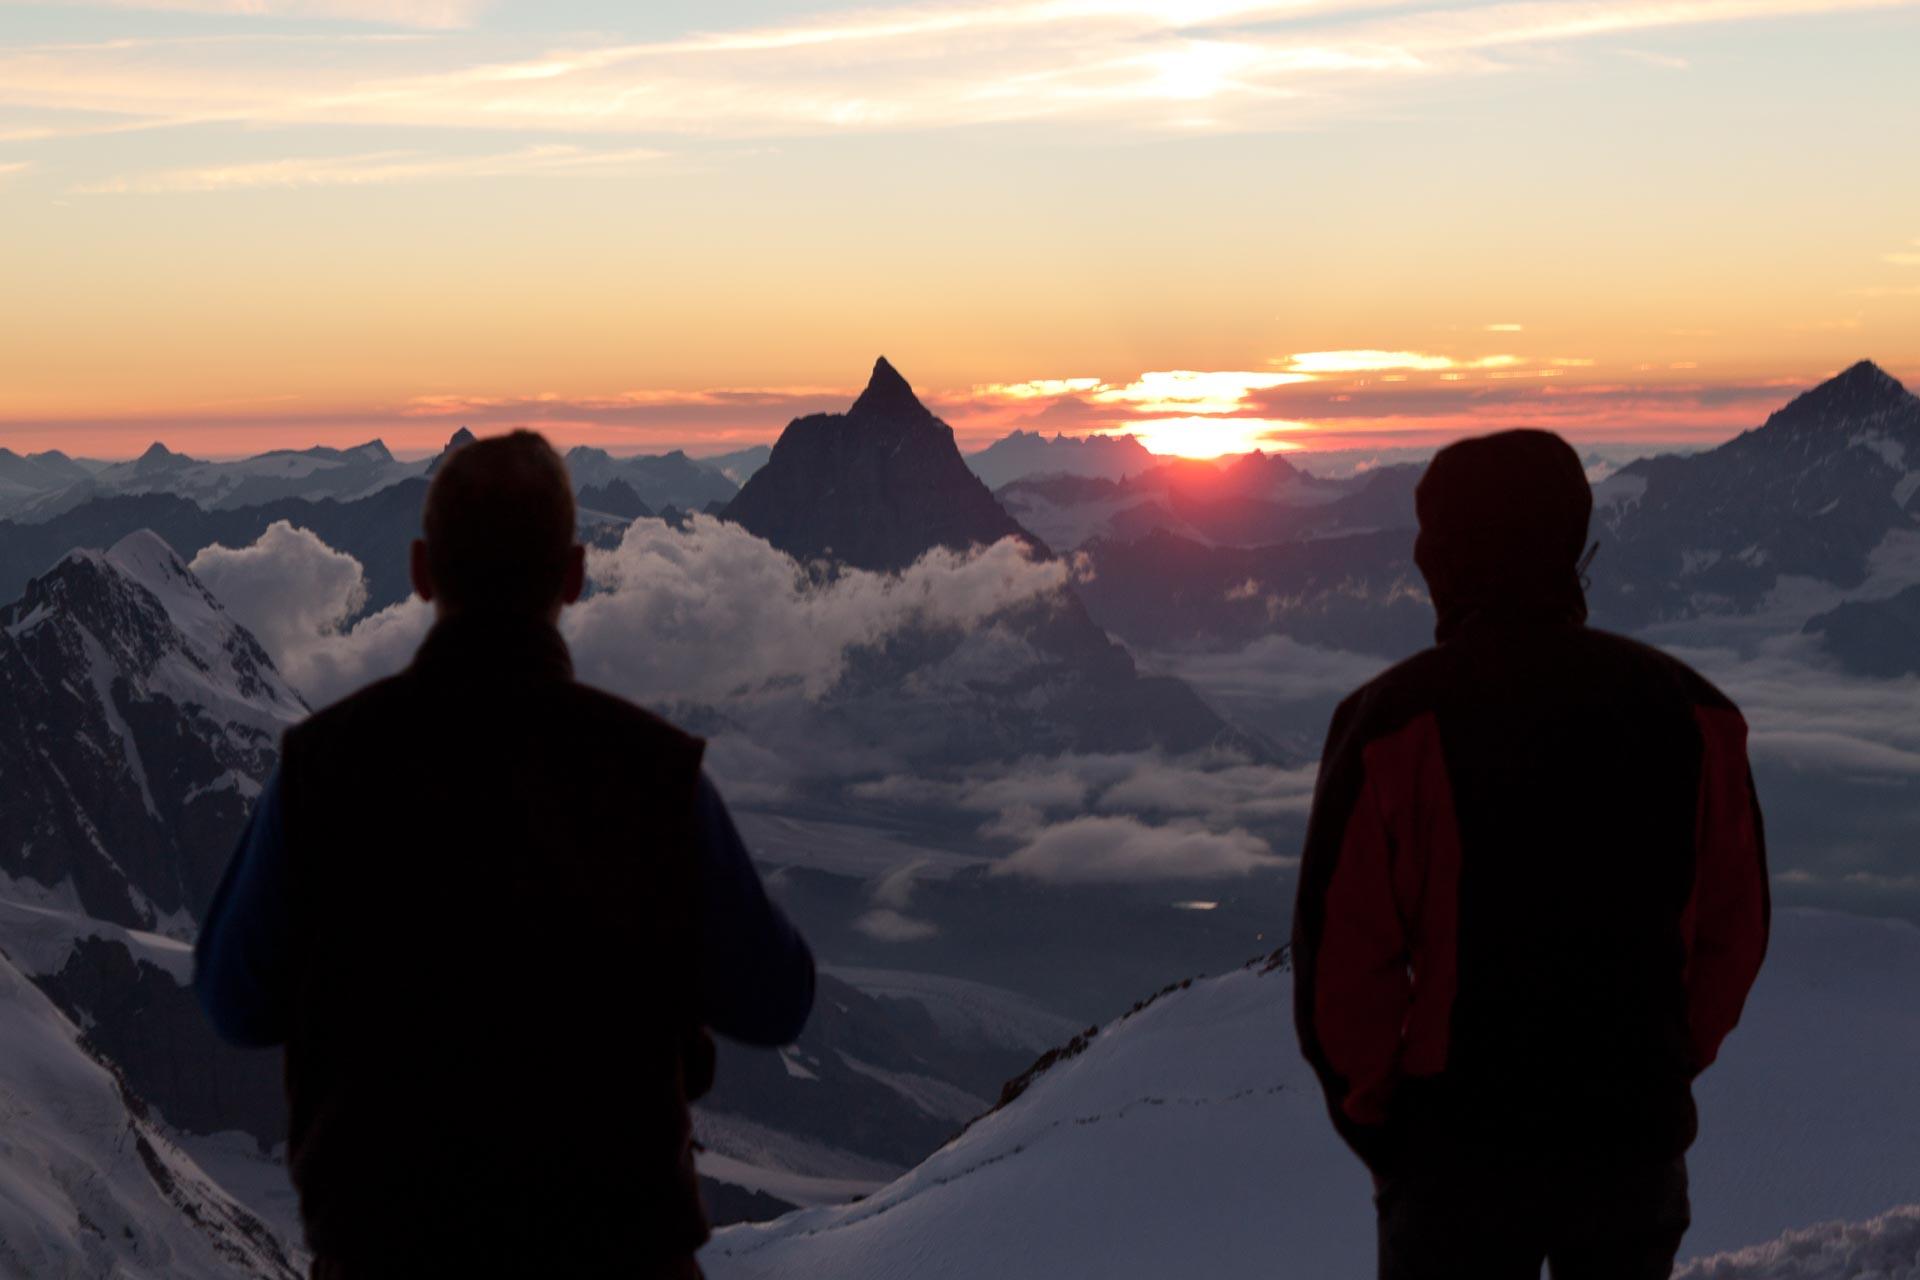 Sonnenuntergang hinter dem Matterhorn. Dank an Sonnenuntergang hinter dem Matterhorn. Dank an Ragna Krückels, www.bergfuehrerin.com